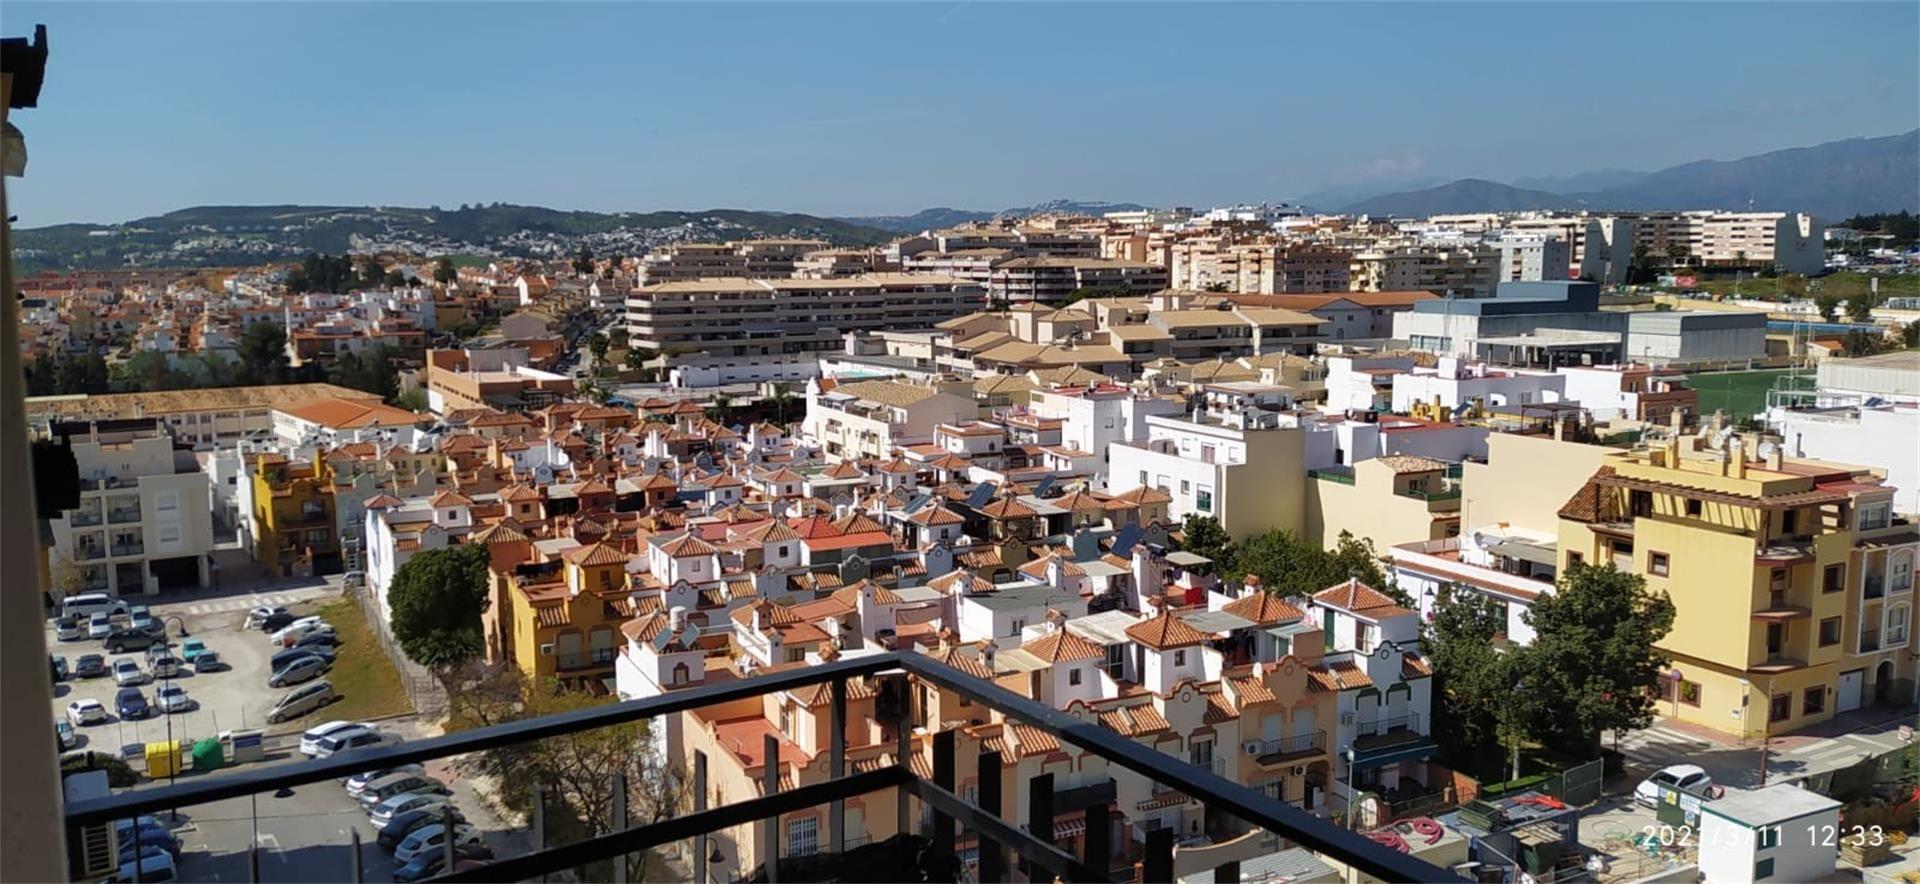 Piso de alquiler en Calle Encina, 2, Los Árboles (Las Lagunas de Mijas, Málaga)